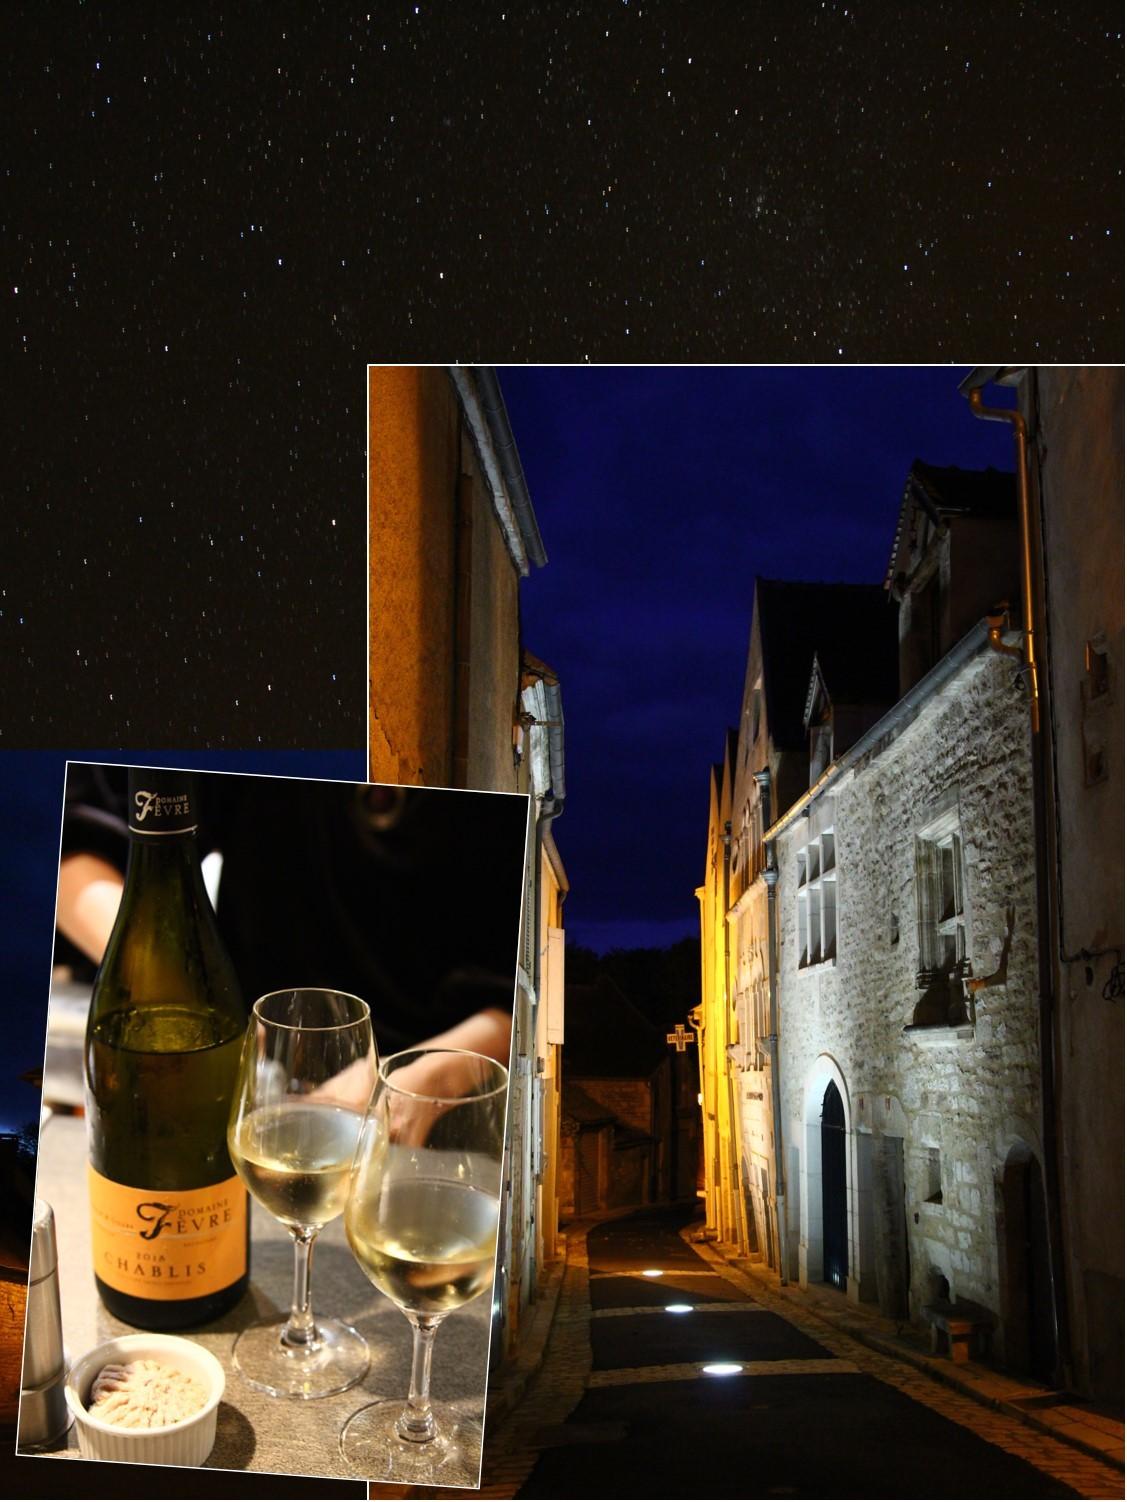 ブルゴーニュ ワイン旅_a0107981_15104802.jpg